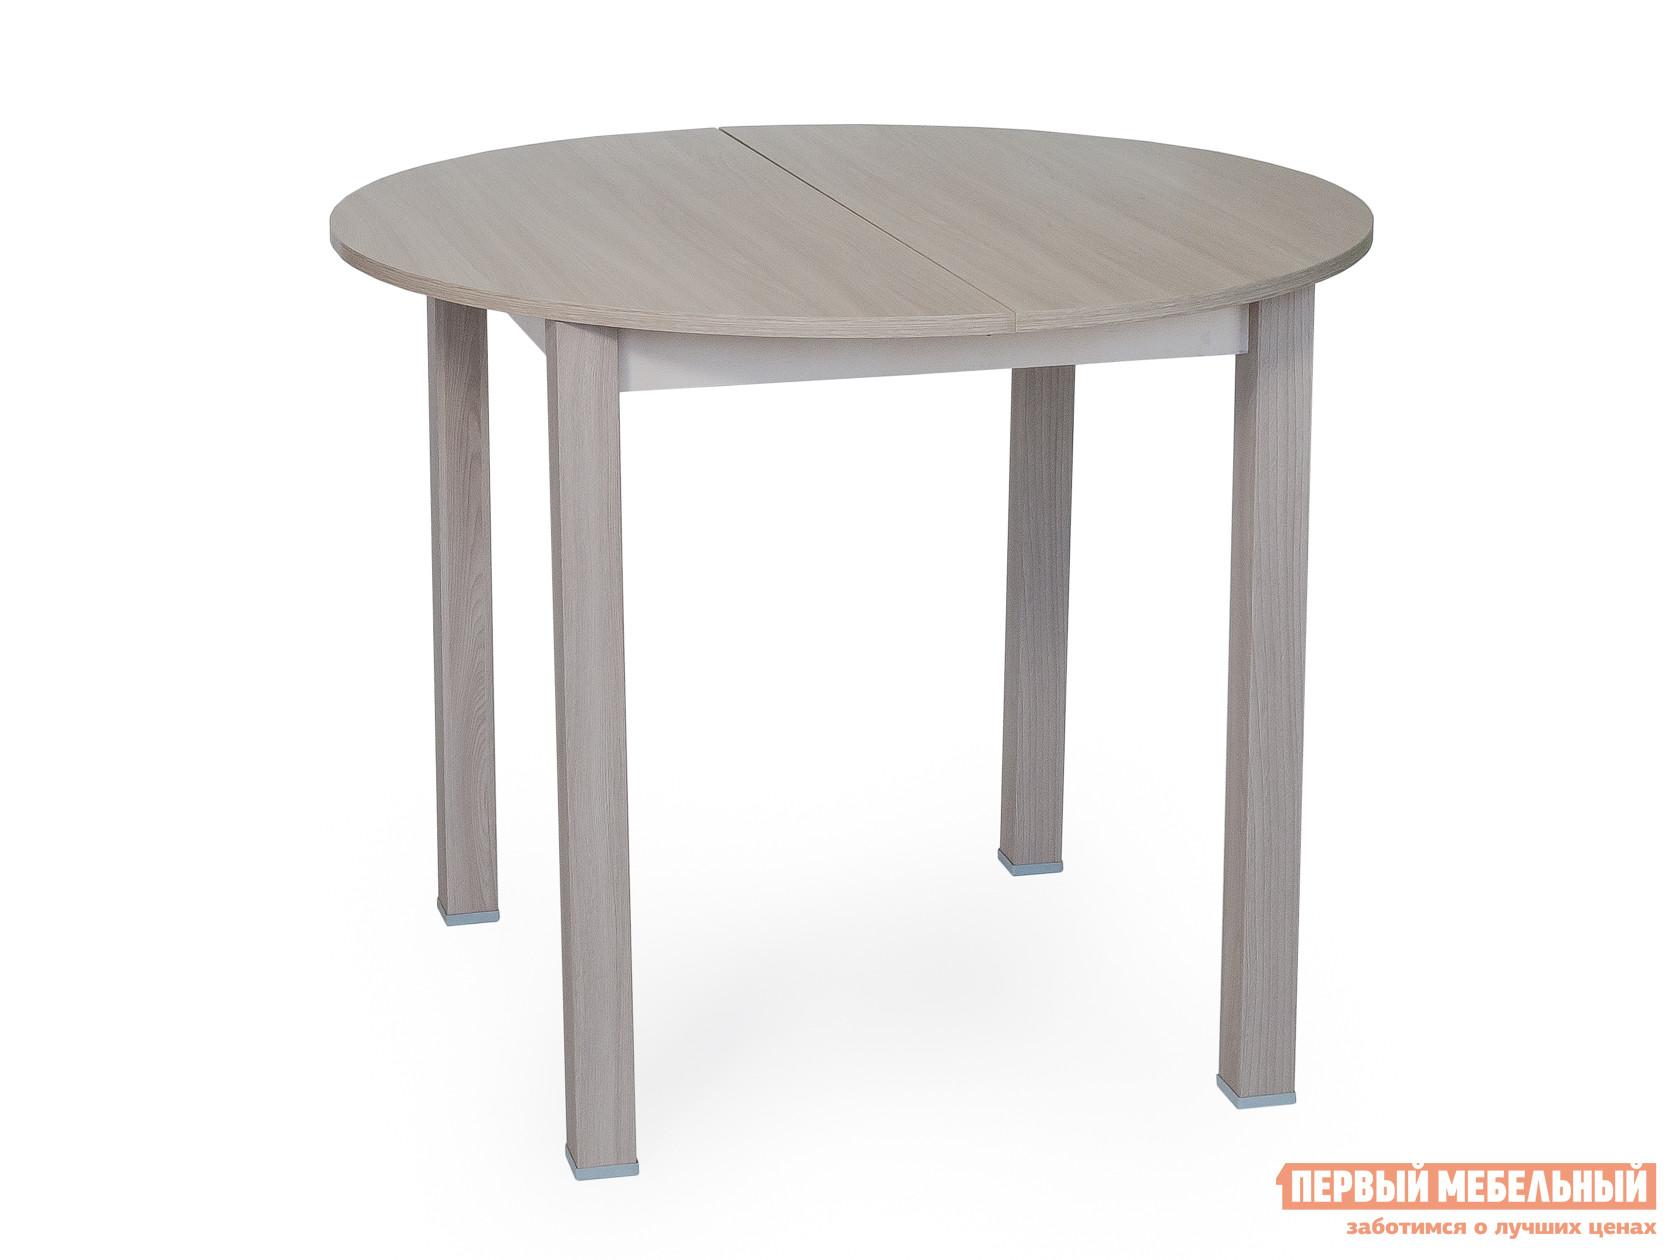 Кухонный стол  Стол обеденный раздвижной с круглой крышкой Шимо светлый